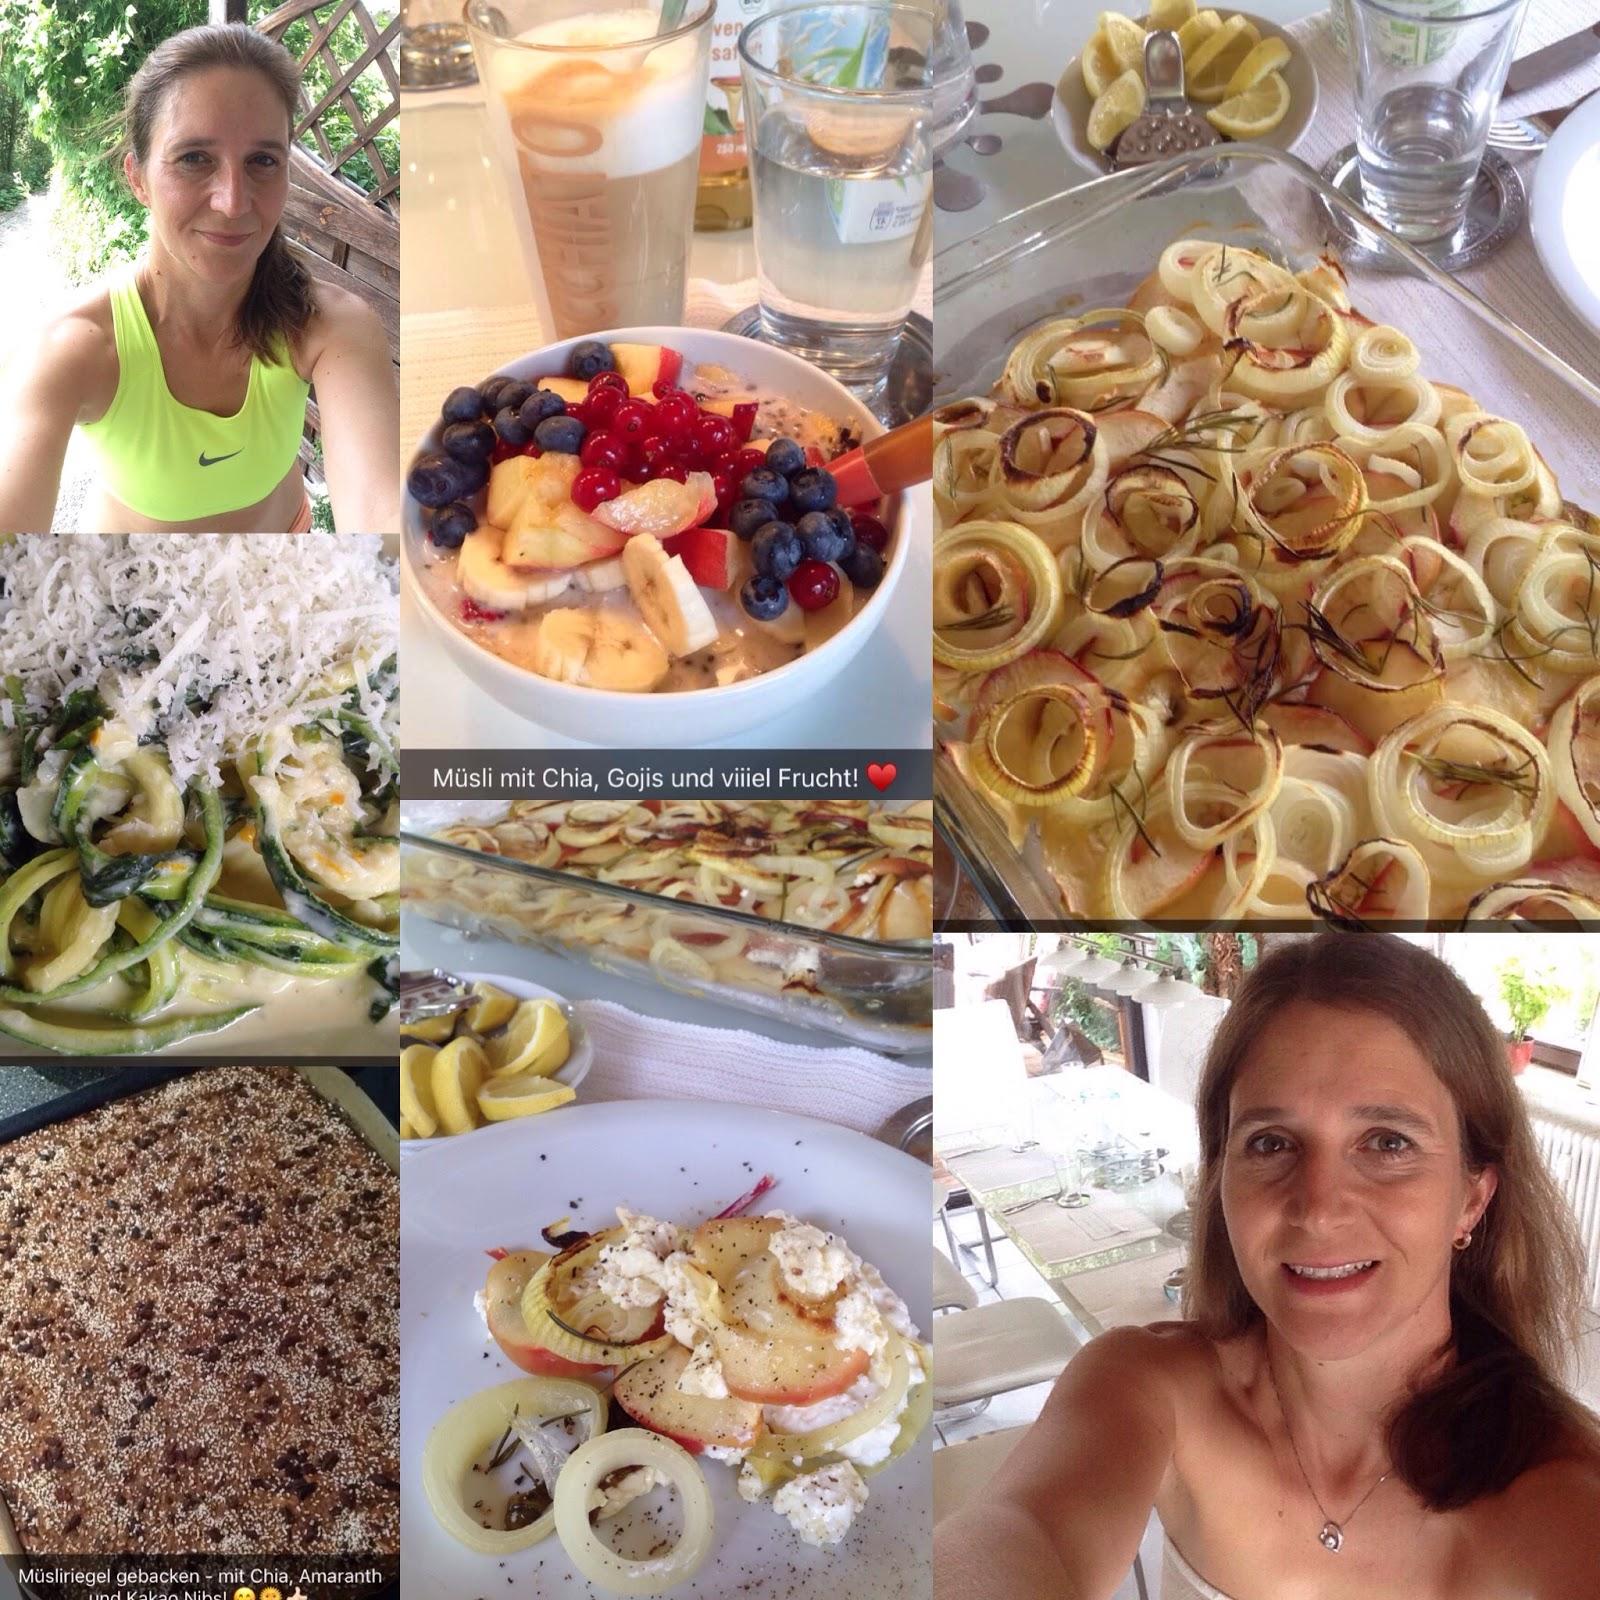 Speiseplan für die letzte Februarwoche: Gesunde, schnelle, sportliche Gerichte!